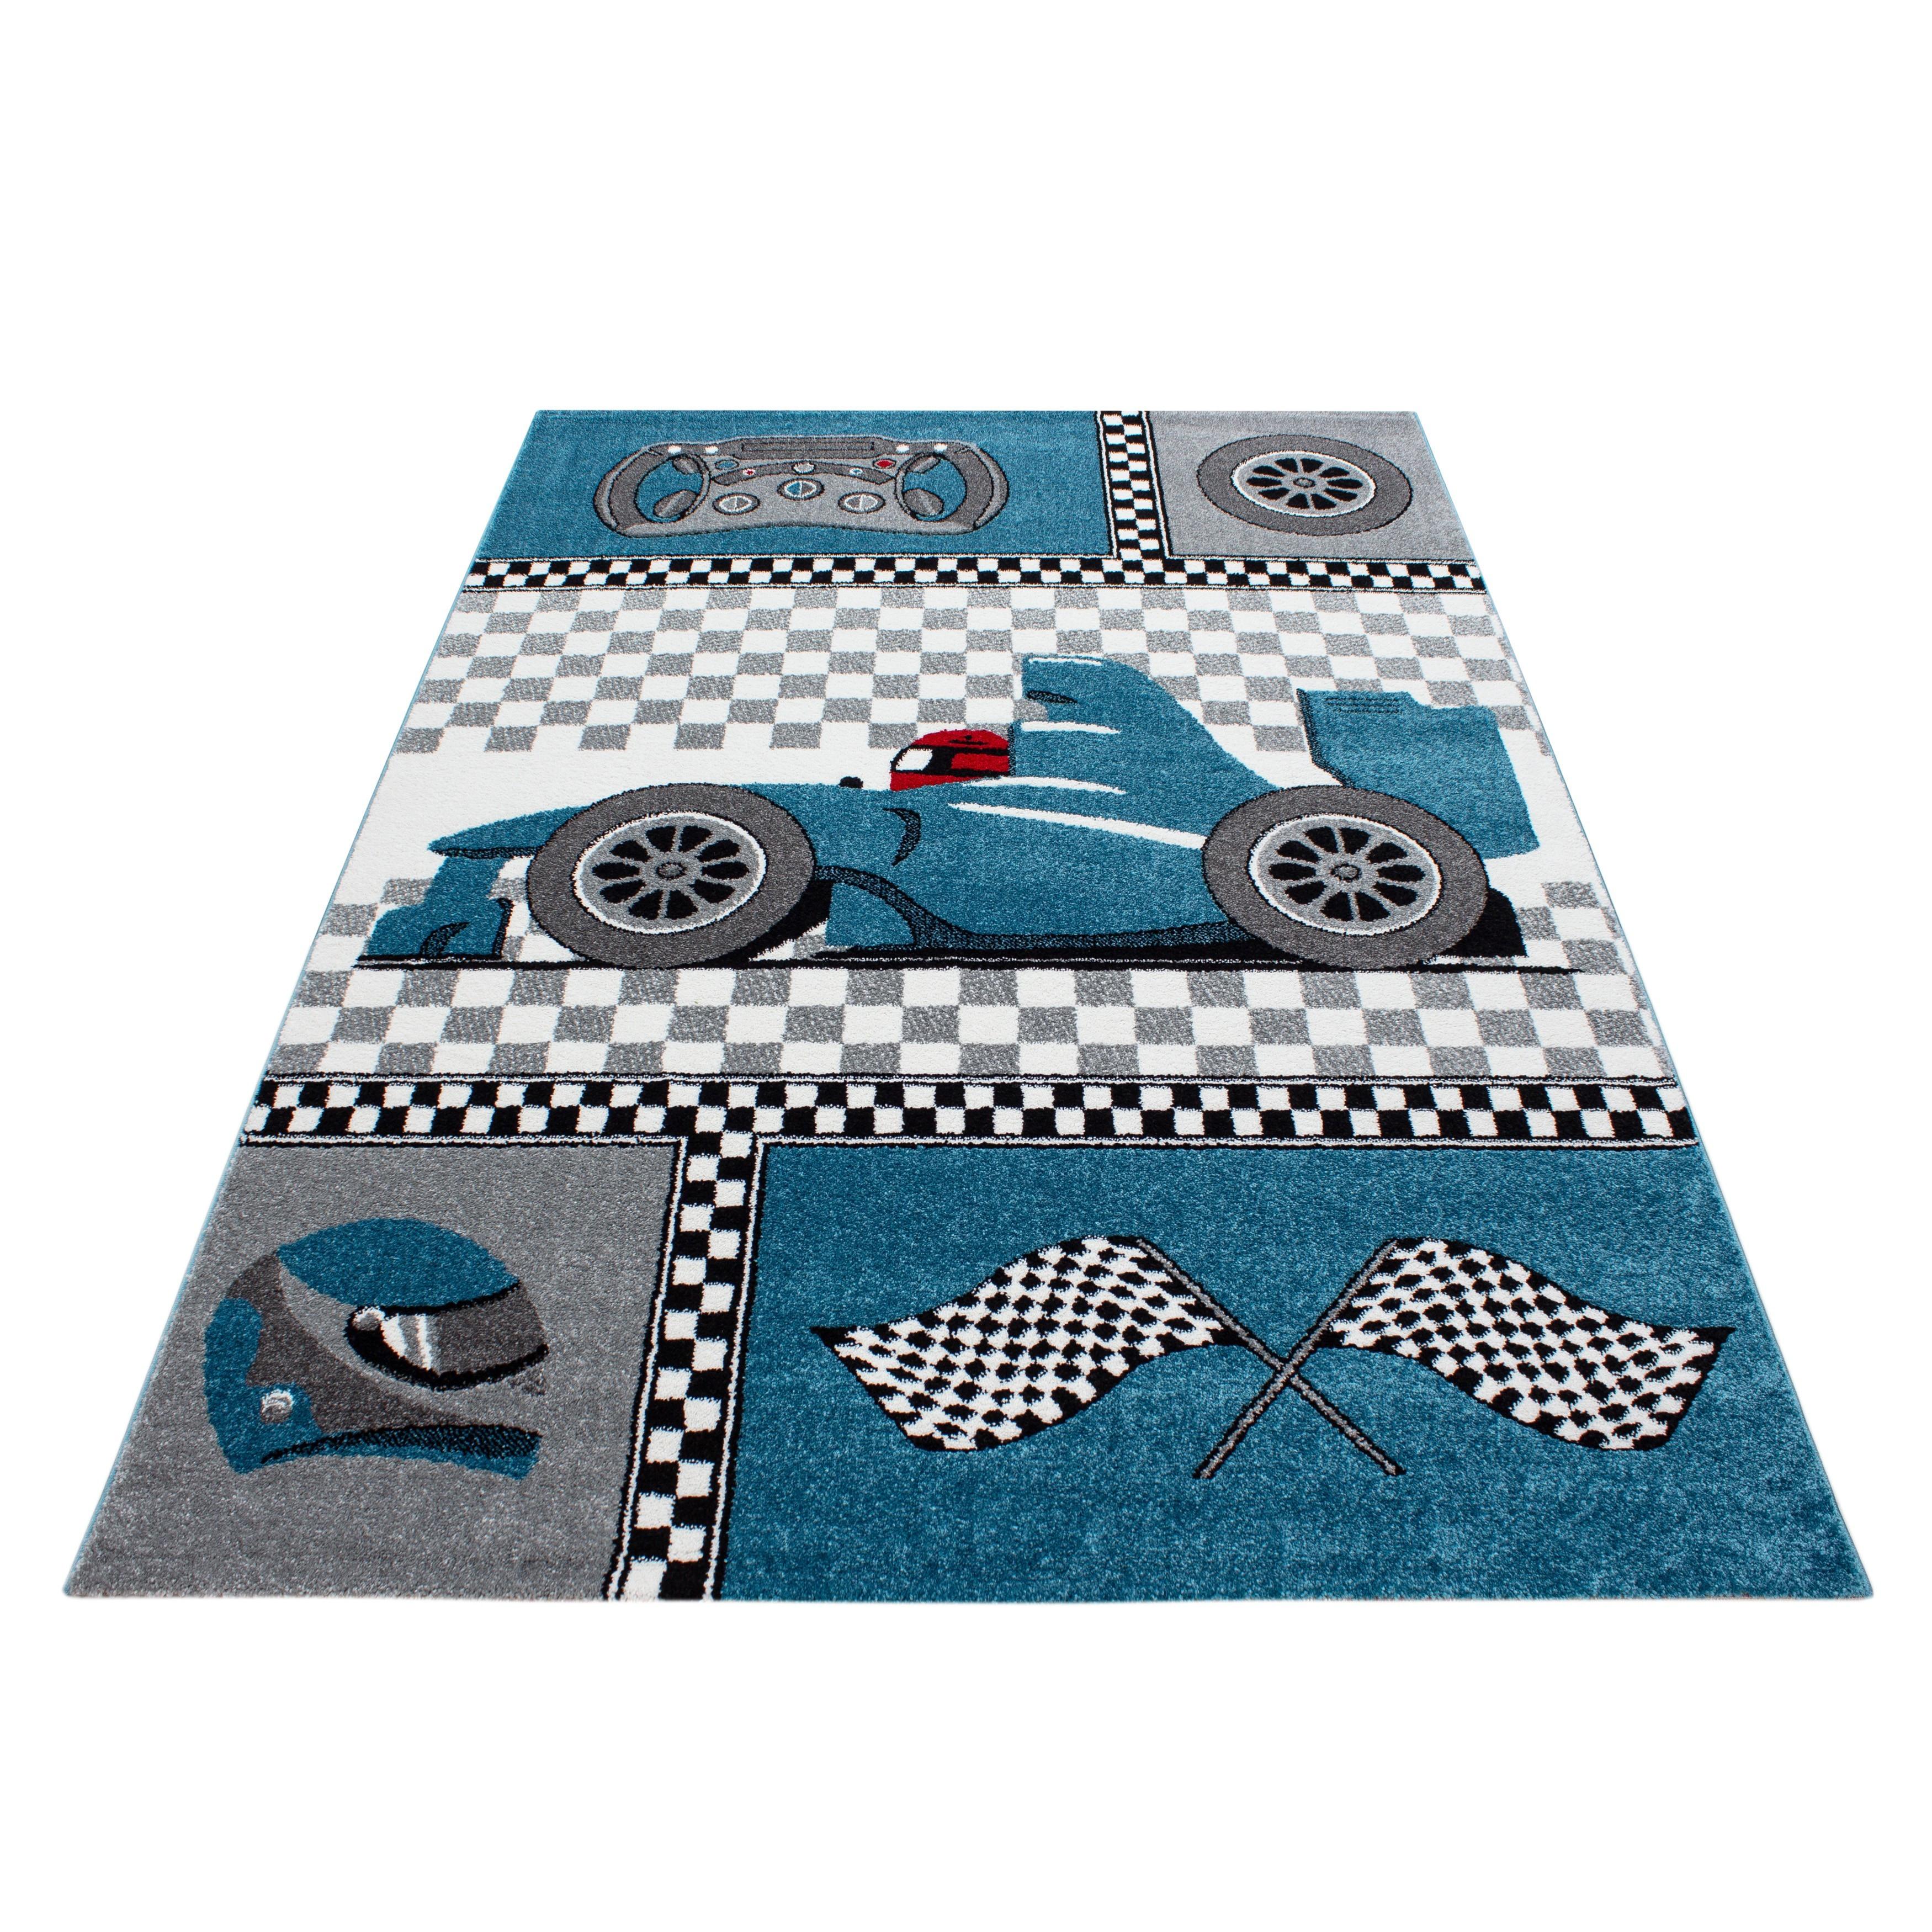 Zimmer Grau Blau: Kinderteppich Kinderzimmer Rennwagen Formel 1 Muster Blau